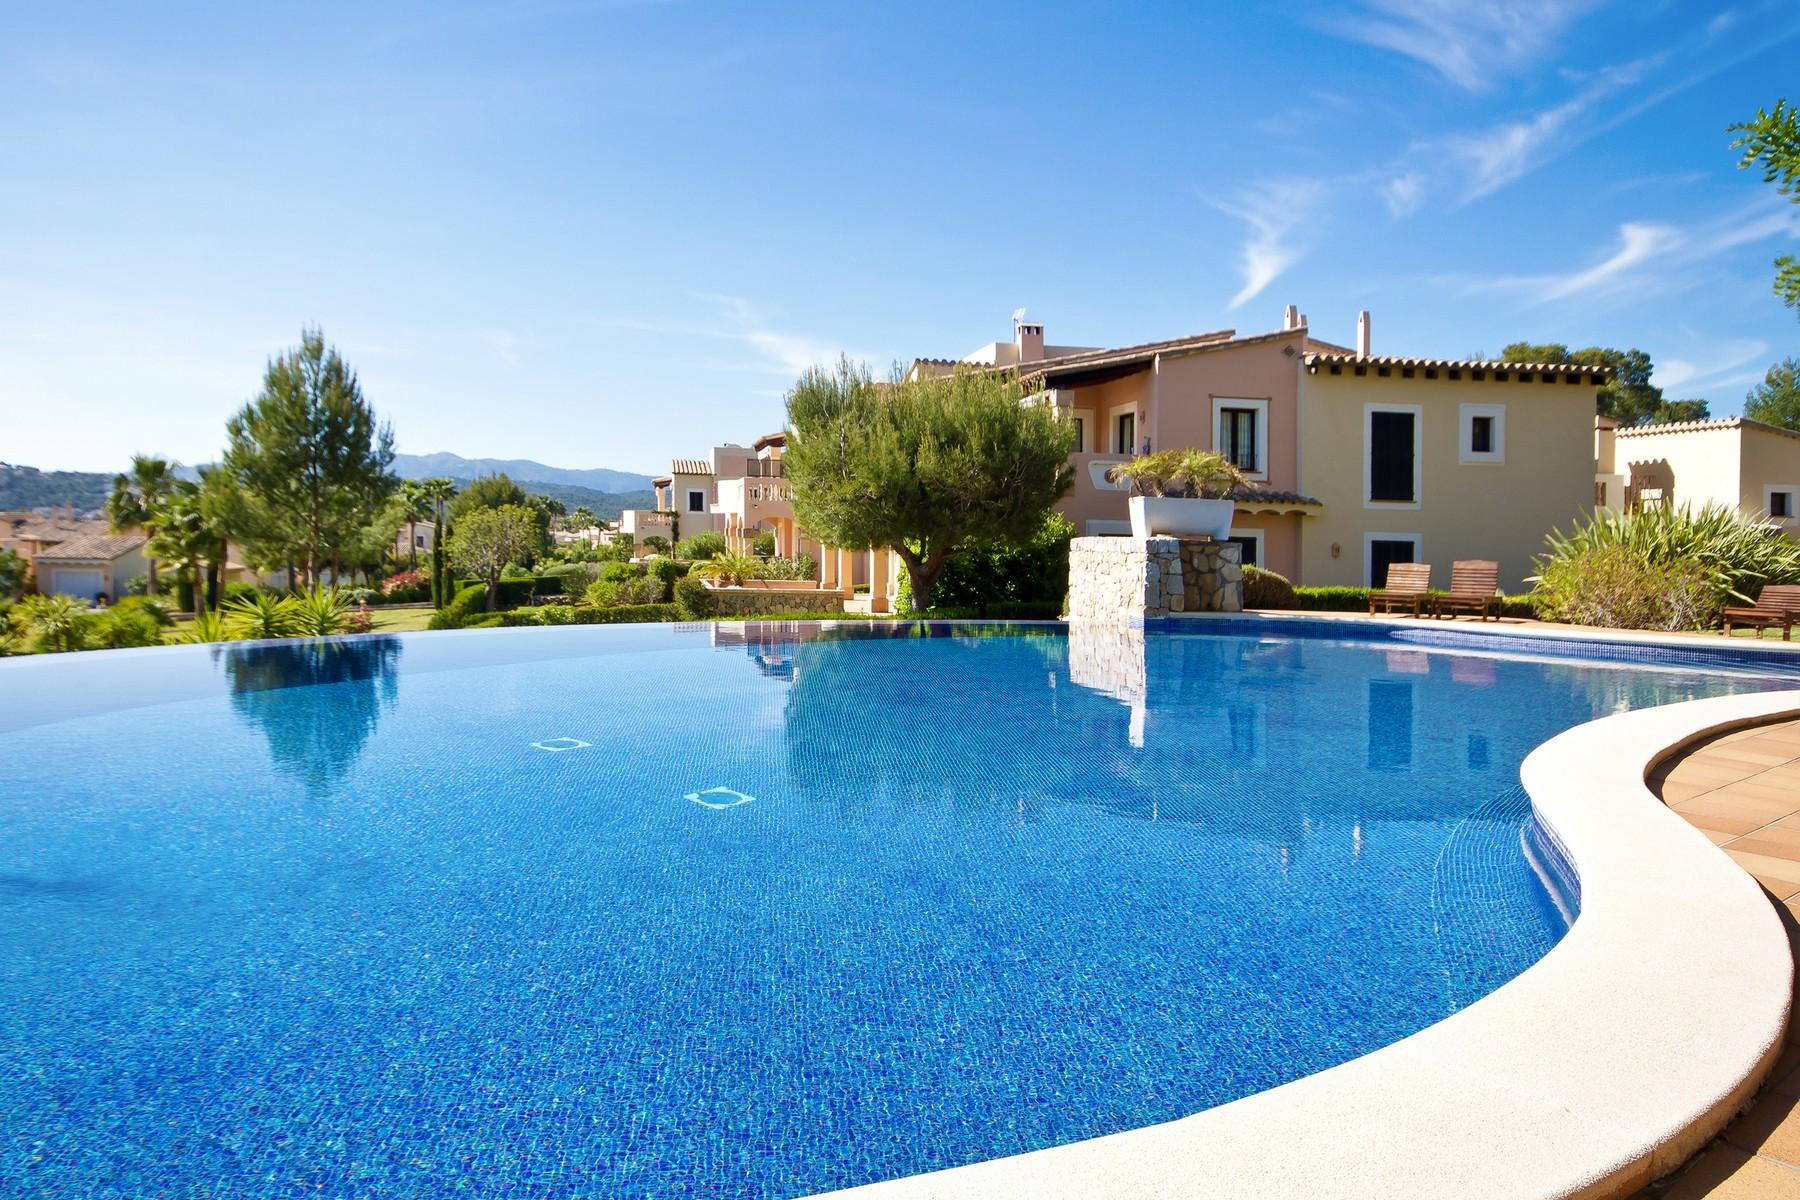 Apartamento por un Venta en Frontline golf apartment in Santa Ponsa Santa Ponsa, Mallorca 07180 España